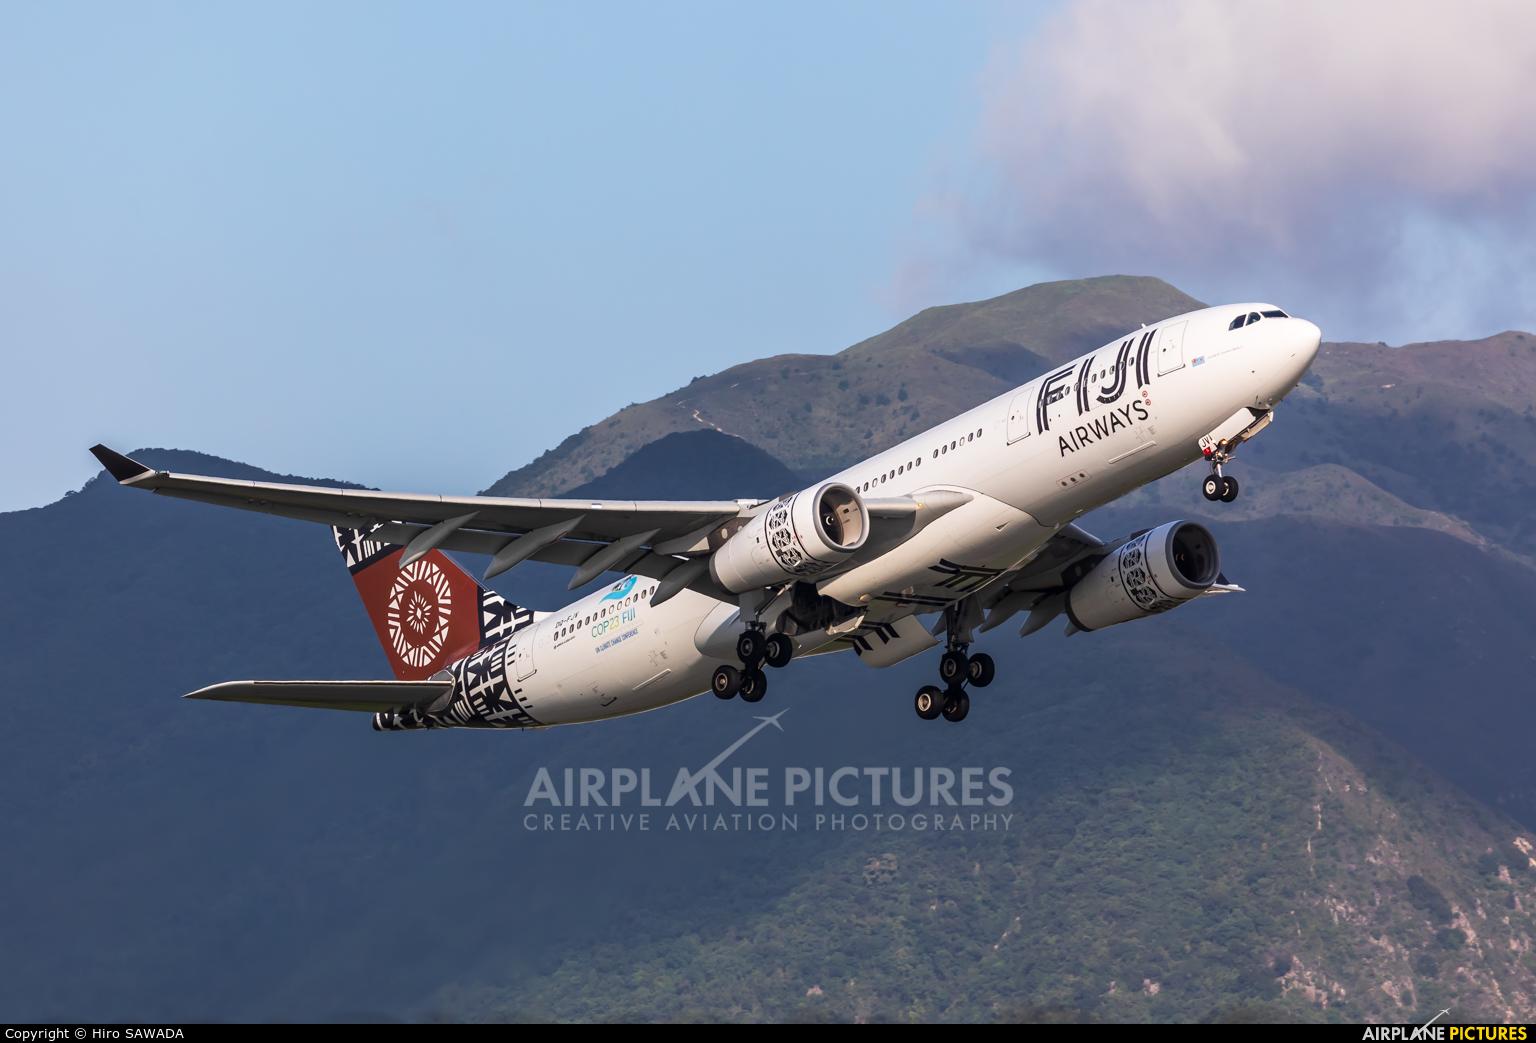 Fiji Airways DQ-FJV aircraft at HKG - Chek Lap Kok Intl